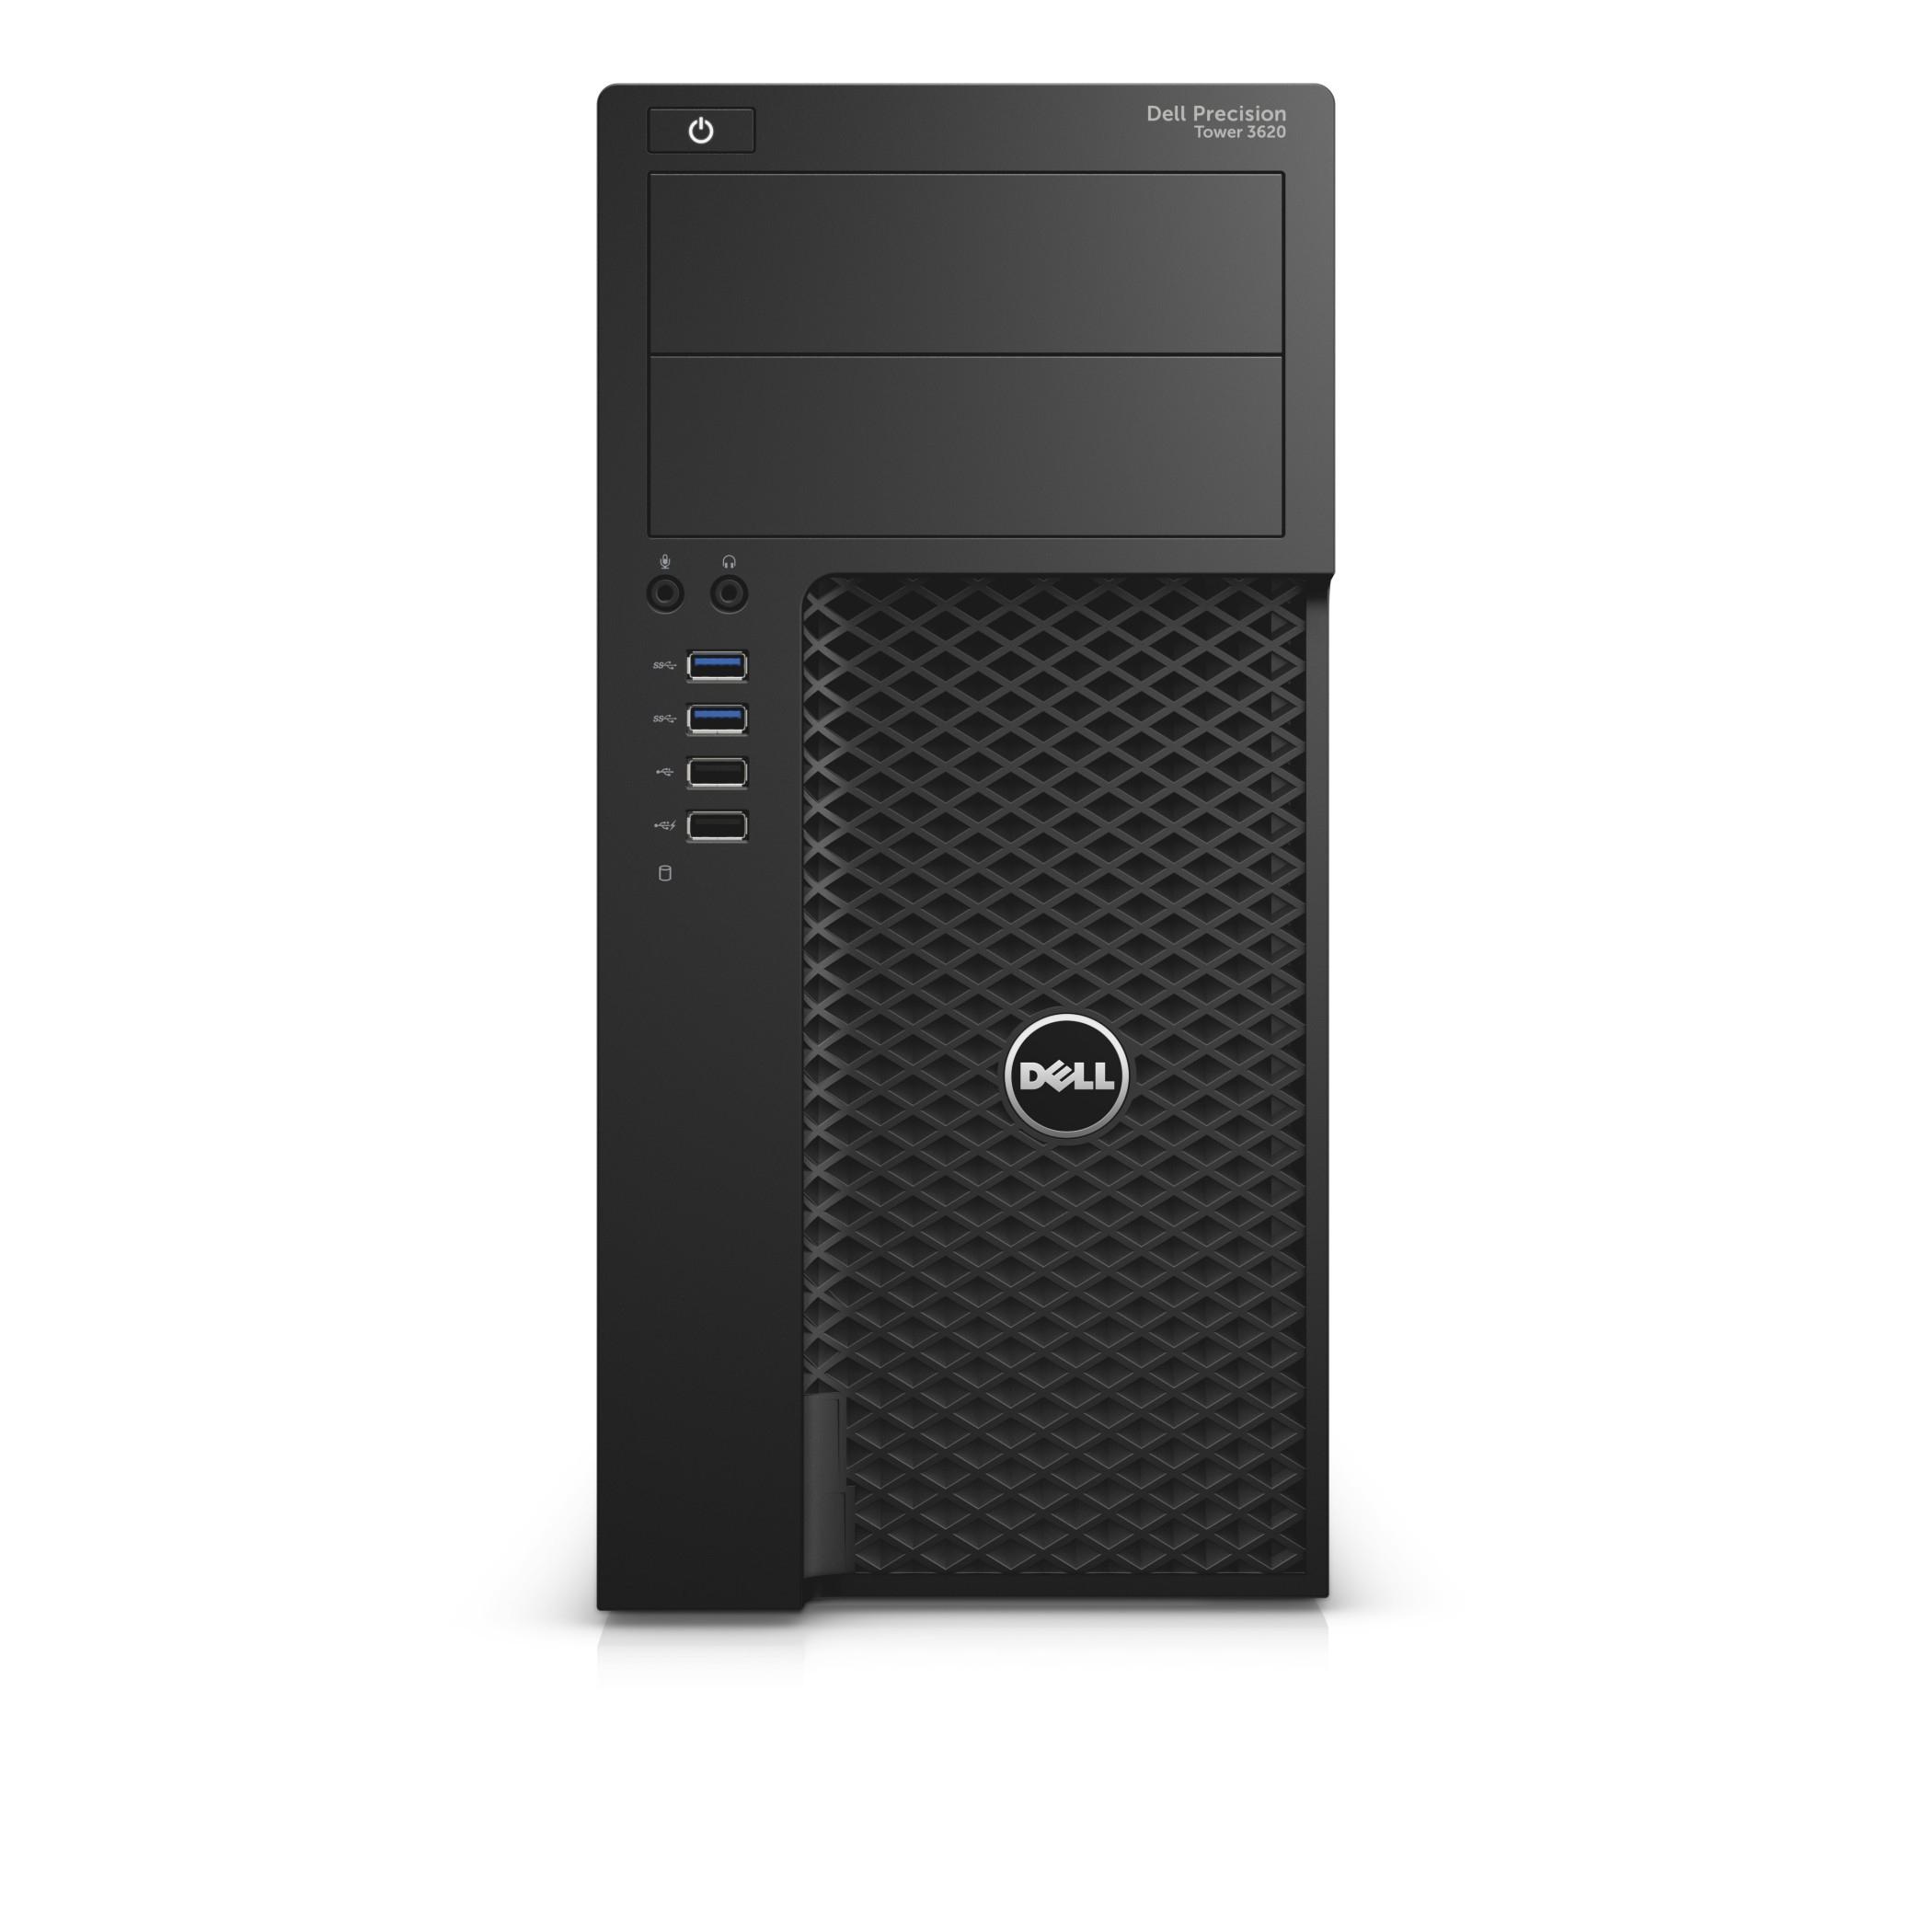 DELL Precision 3620 3.4GHz i7-6700 Mini Tower Black